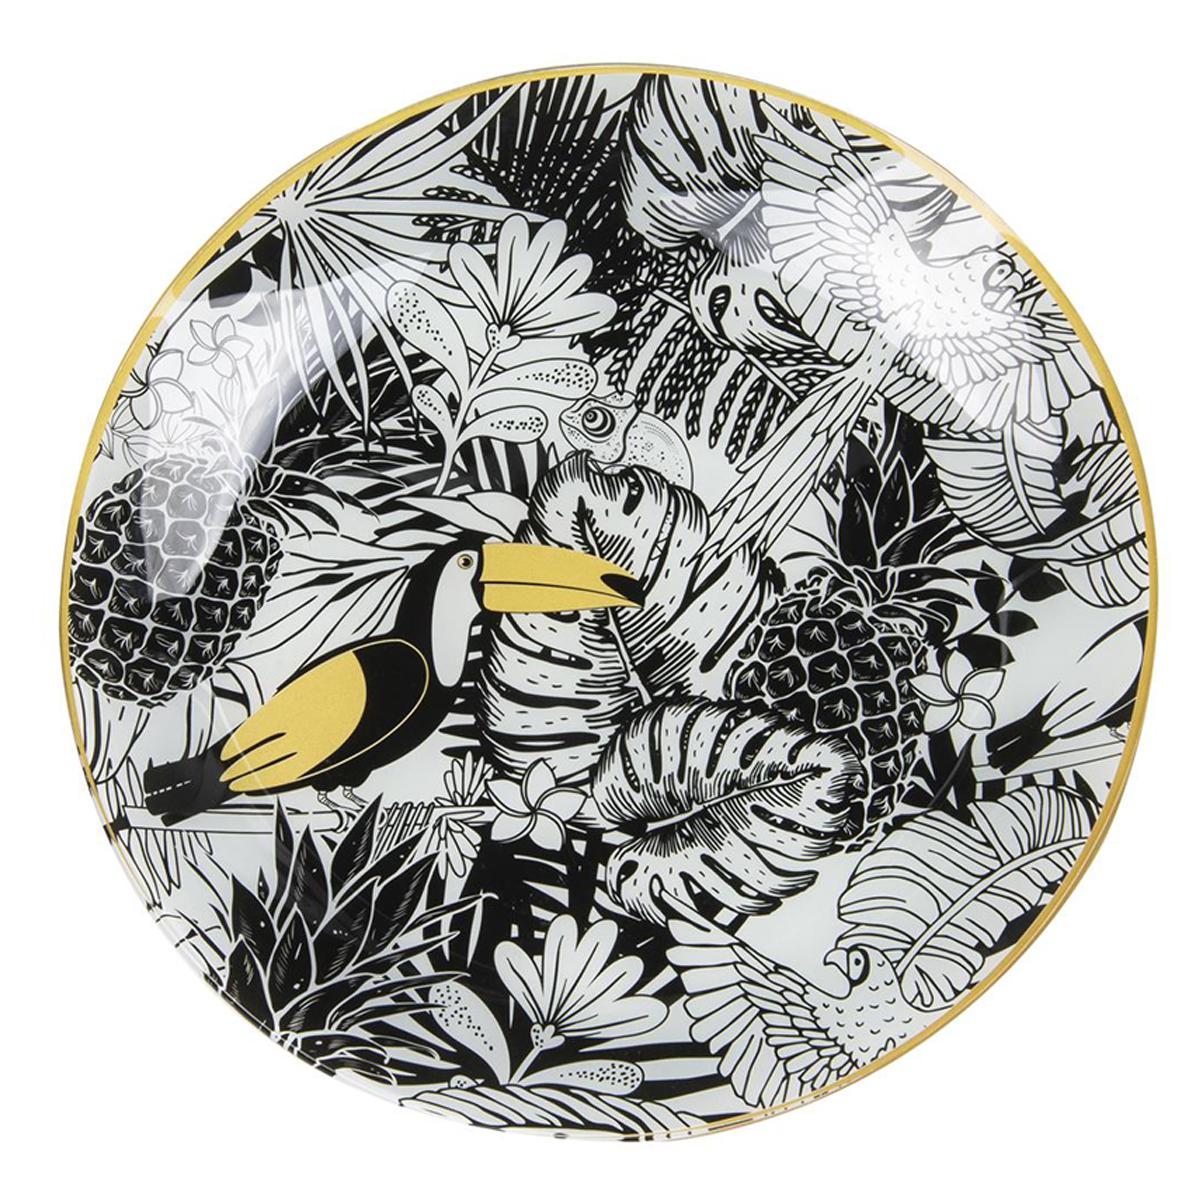 Plateau coupelle verre \'Tropical\' noir blanc doré (toucan - ananas) - 31 cm - [Q7997]